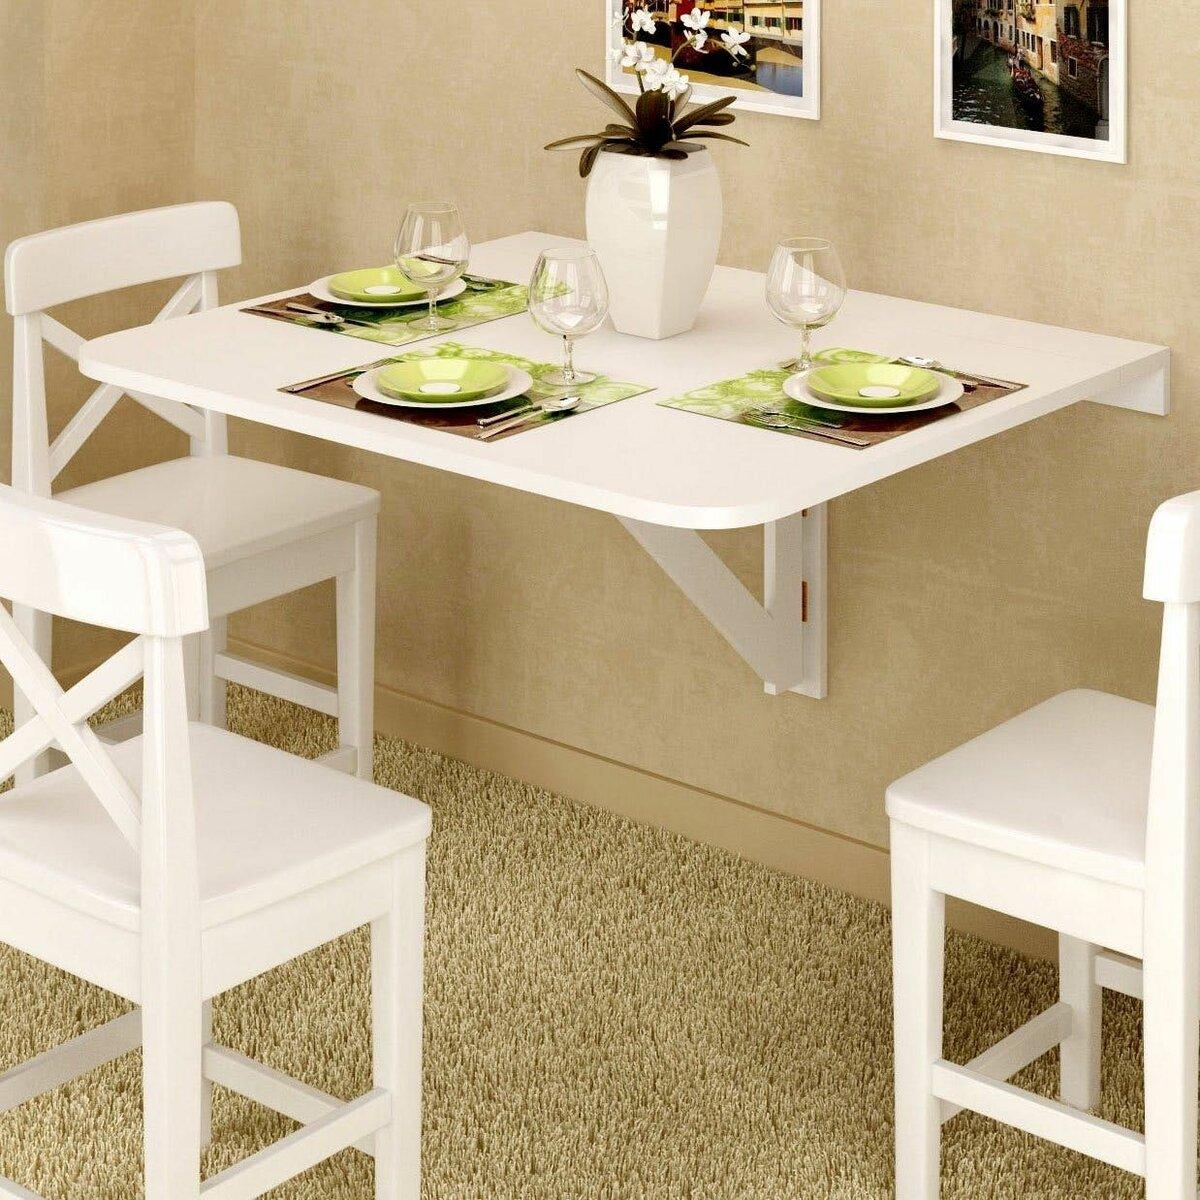 Стол трансформер для маленькой кухни с подъемной столешницей